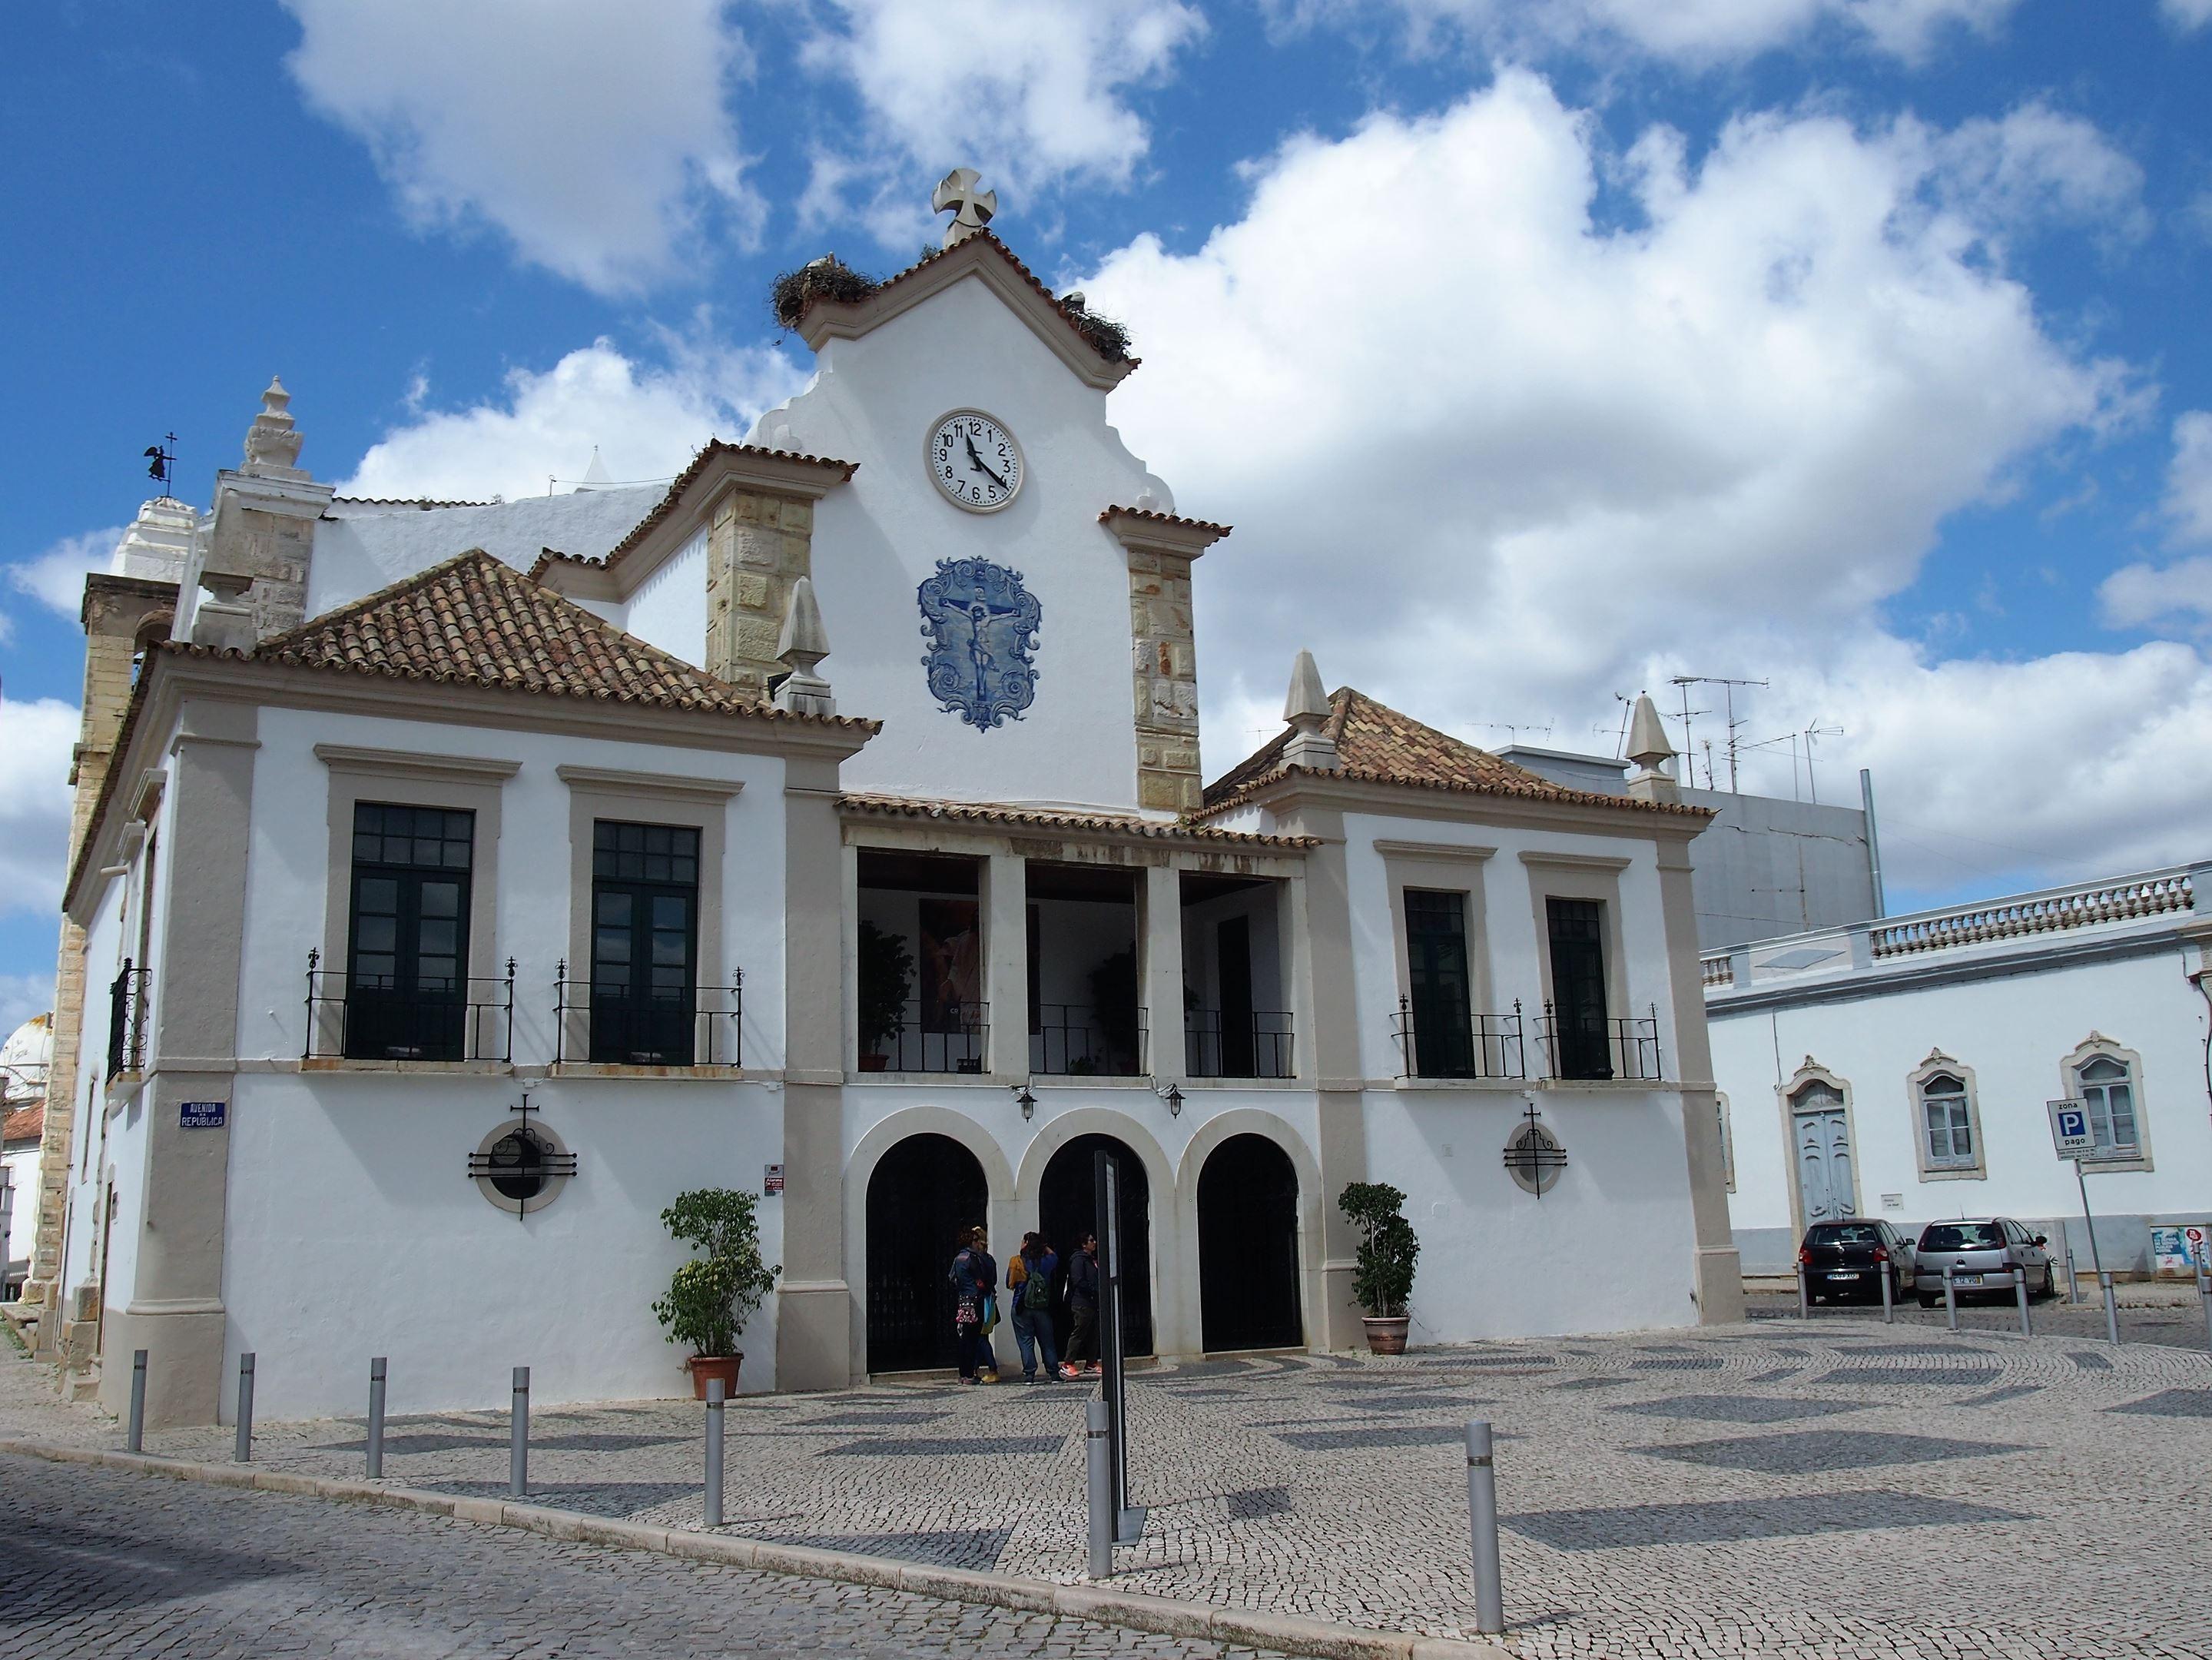 Igreja Matriz de Nossa Senhora do Rosário, pricipale église dans le centre d'Olhão